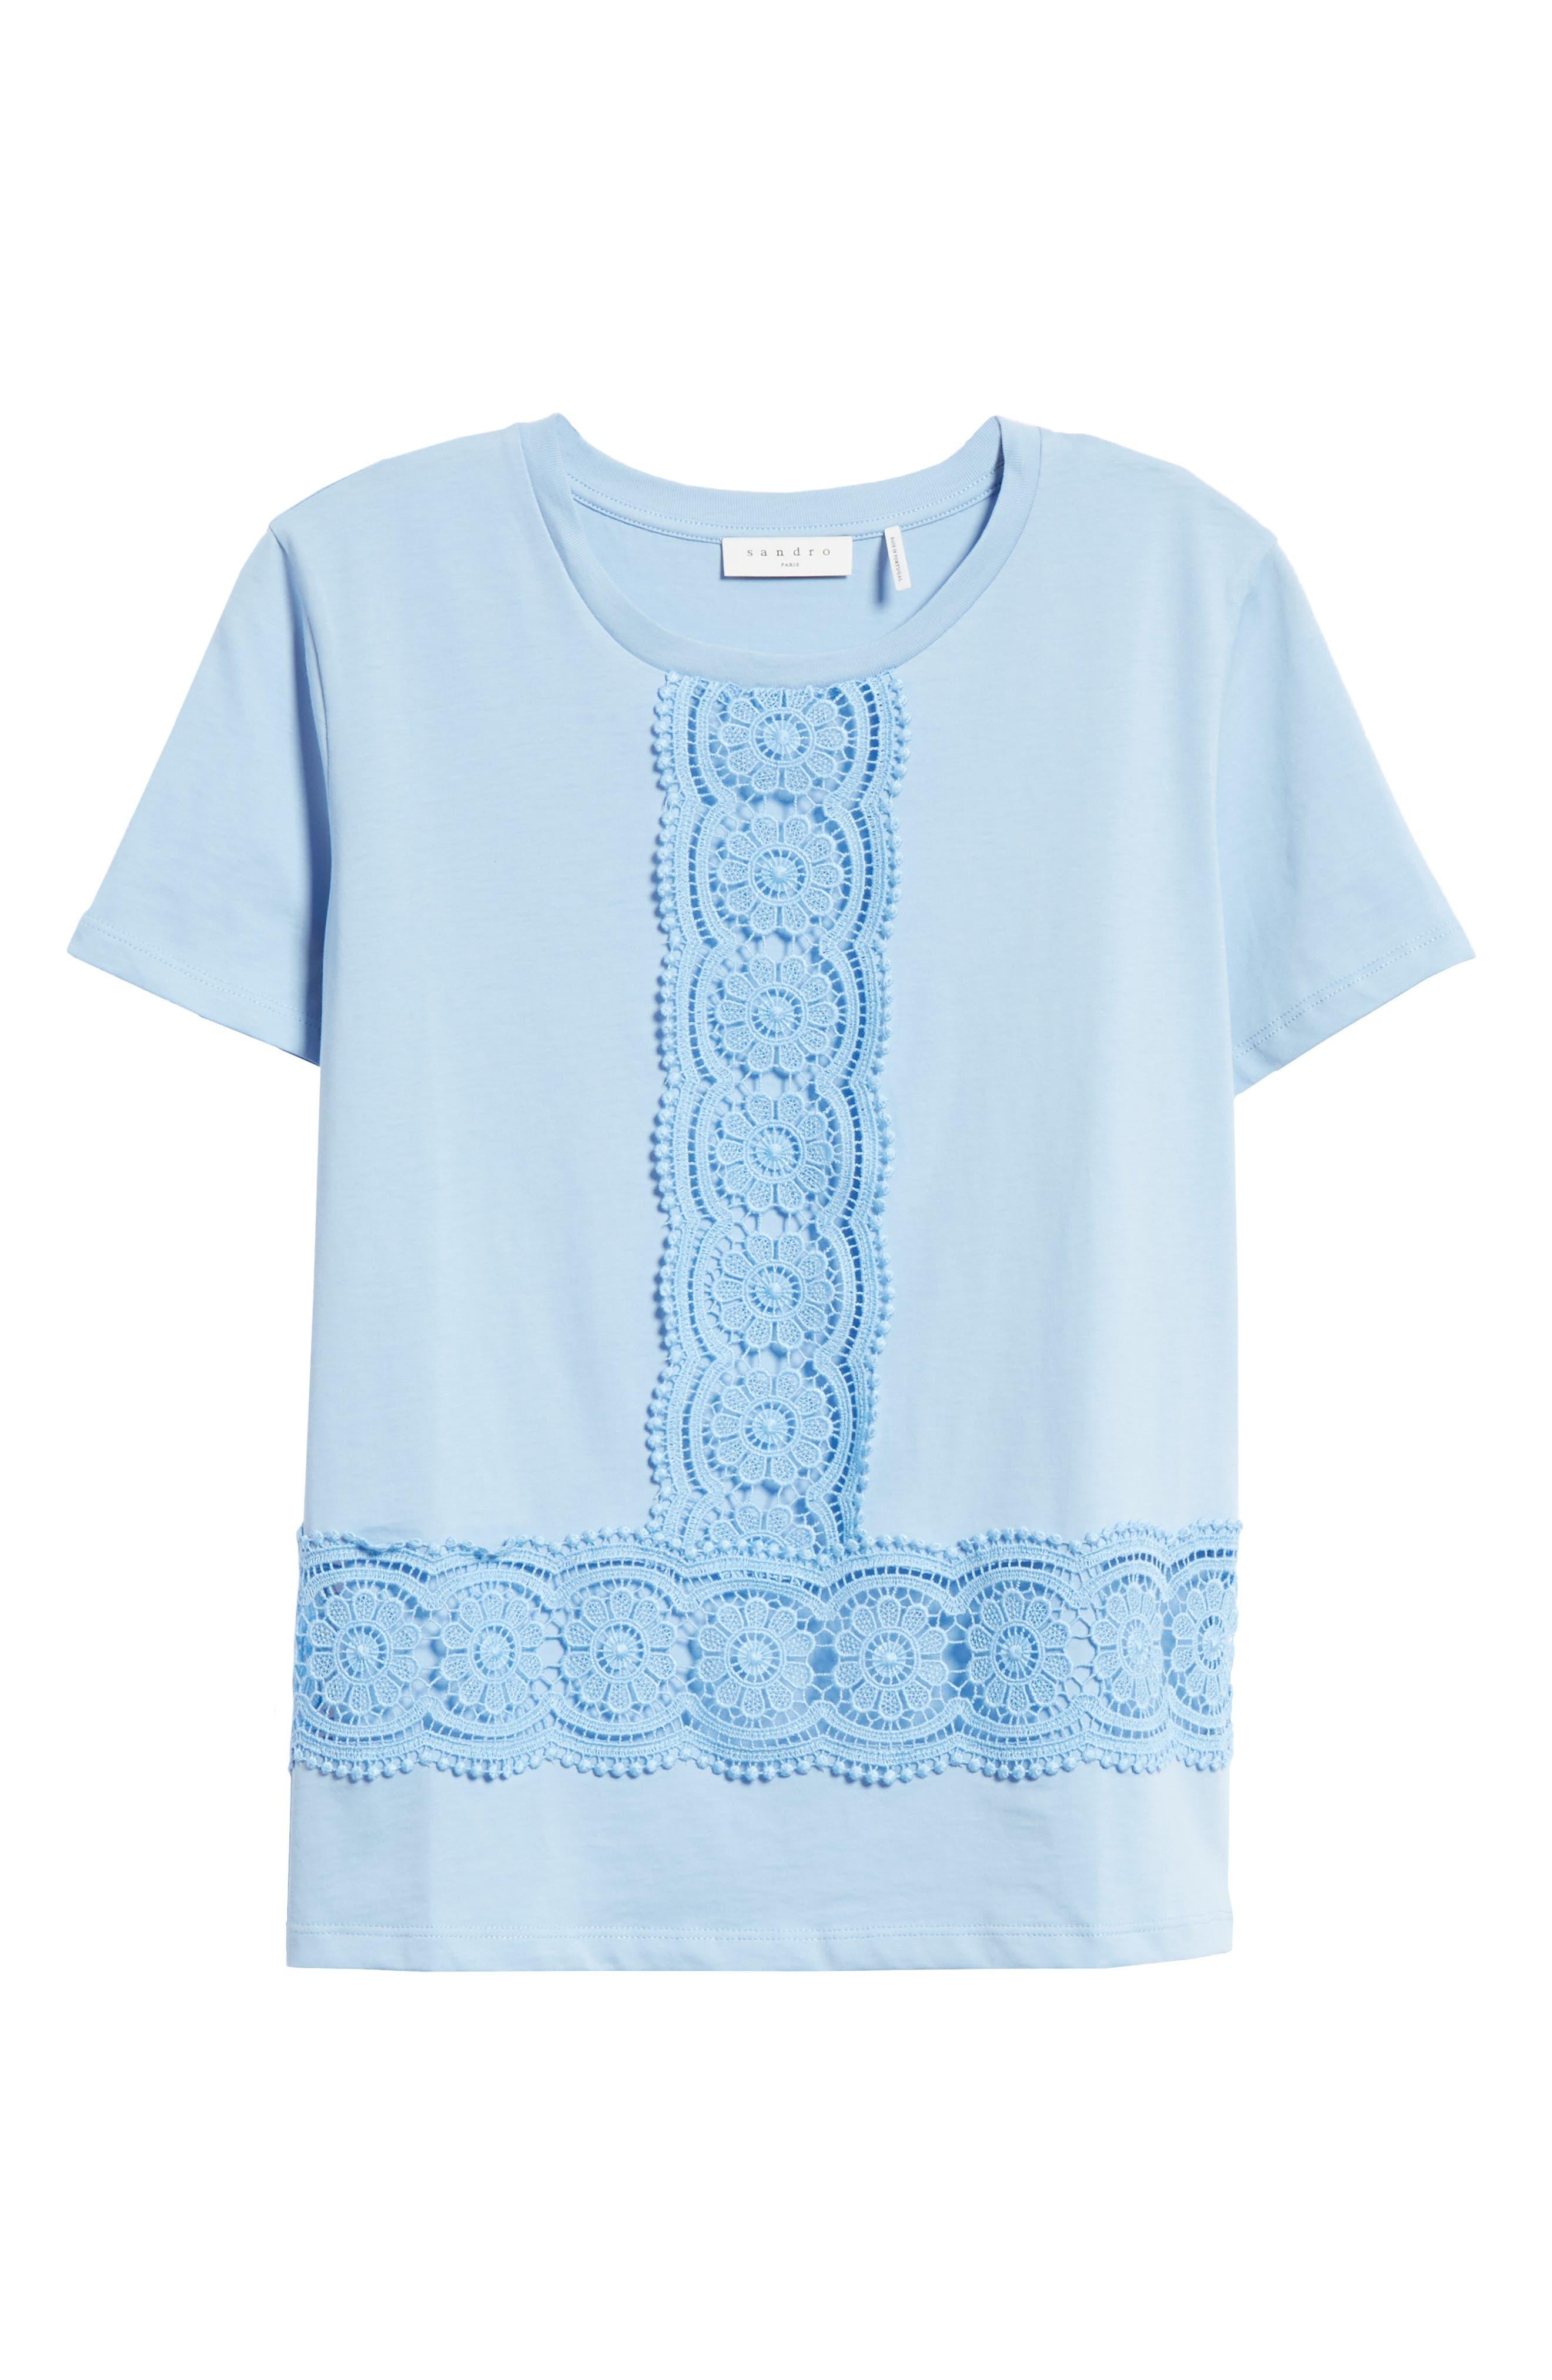 Lace Inset Cotton Top,                             Alternate thumbnail 6, color,                             Bleu Ciel